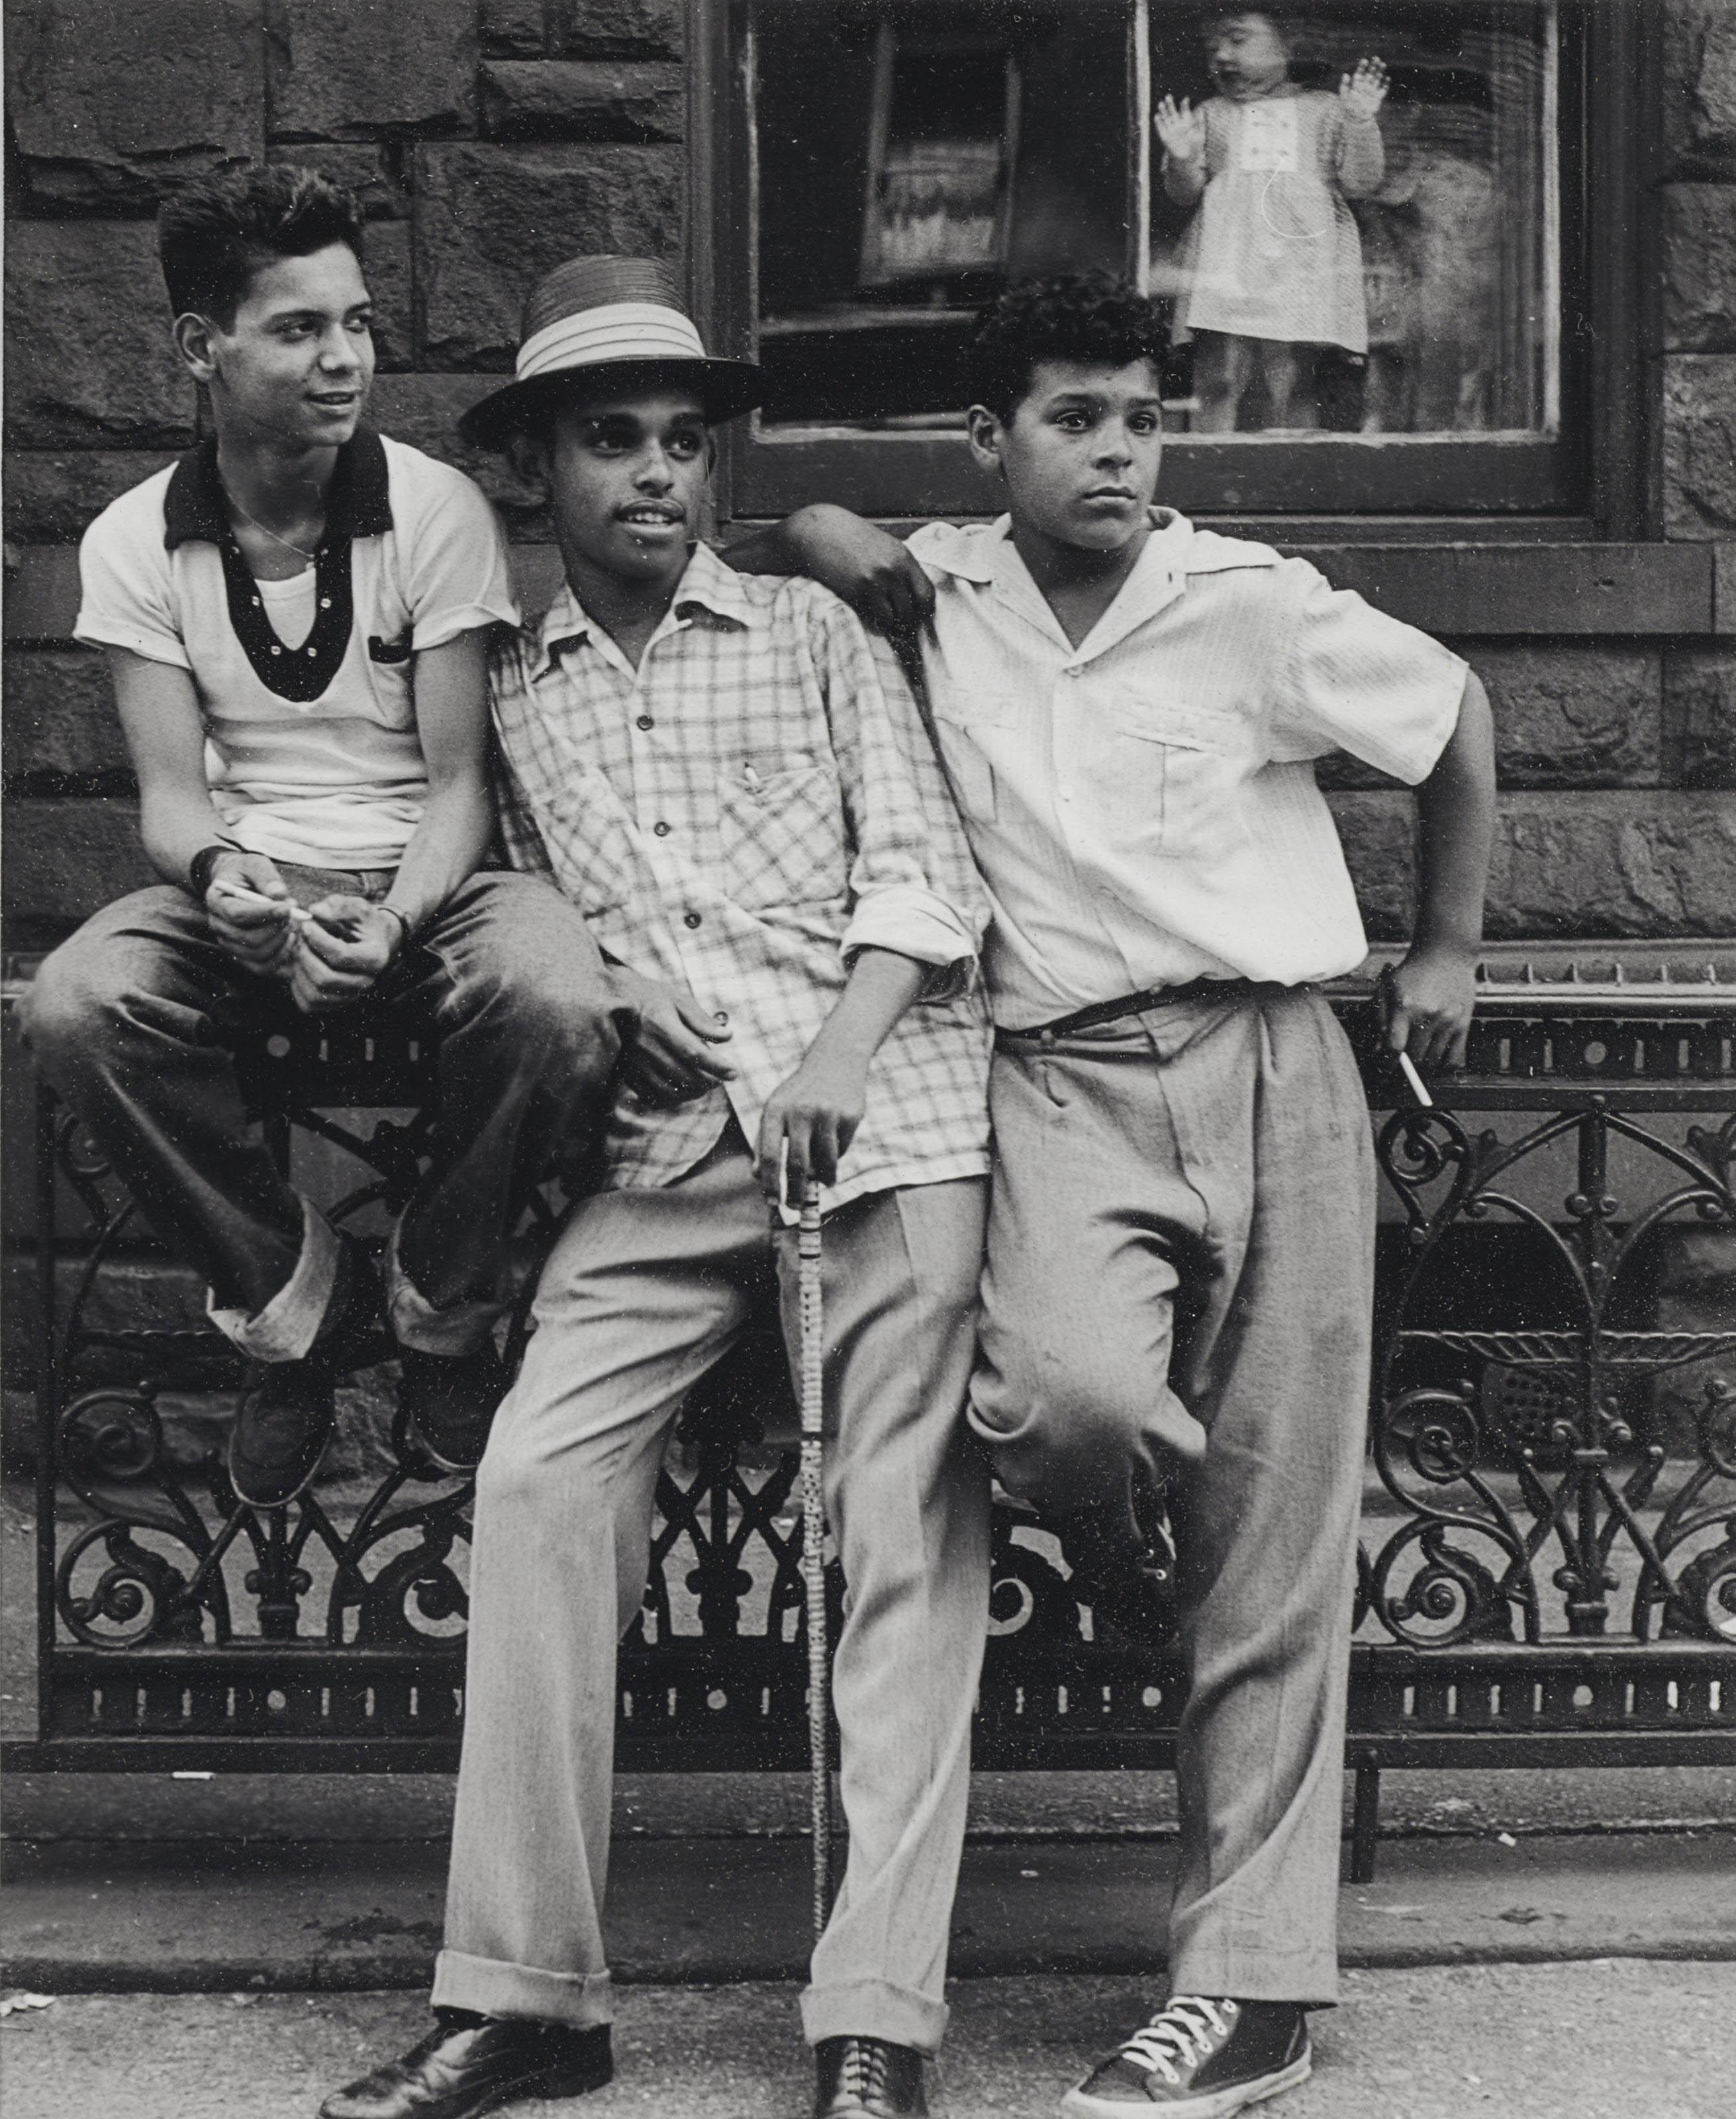 Harlem, 1950